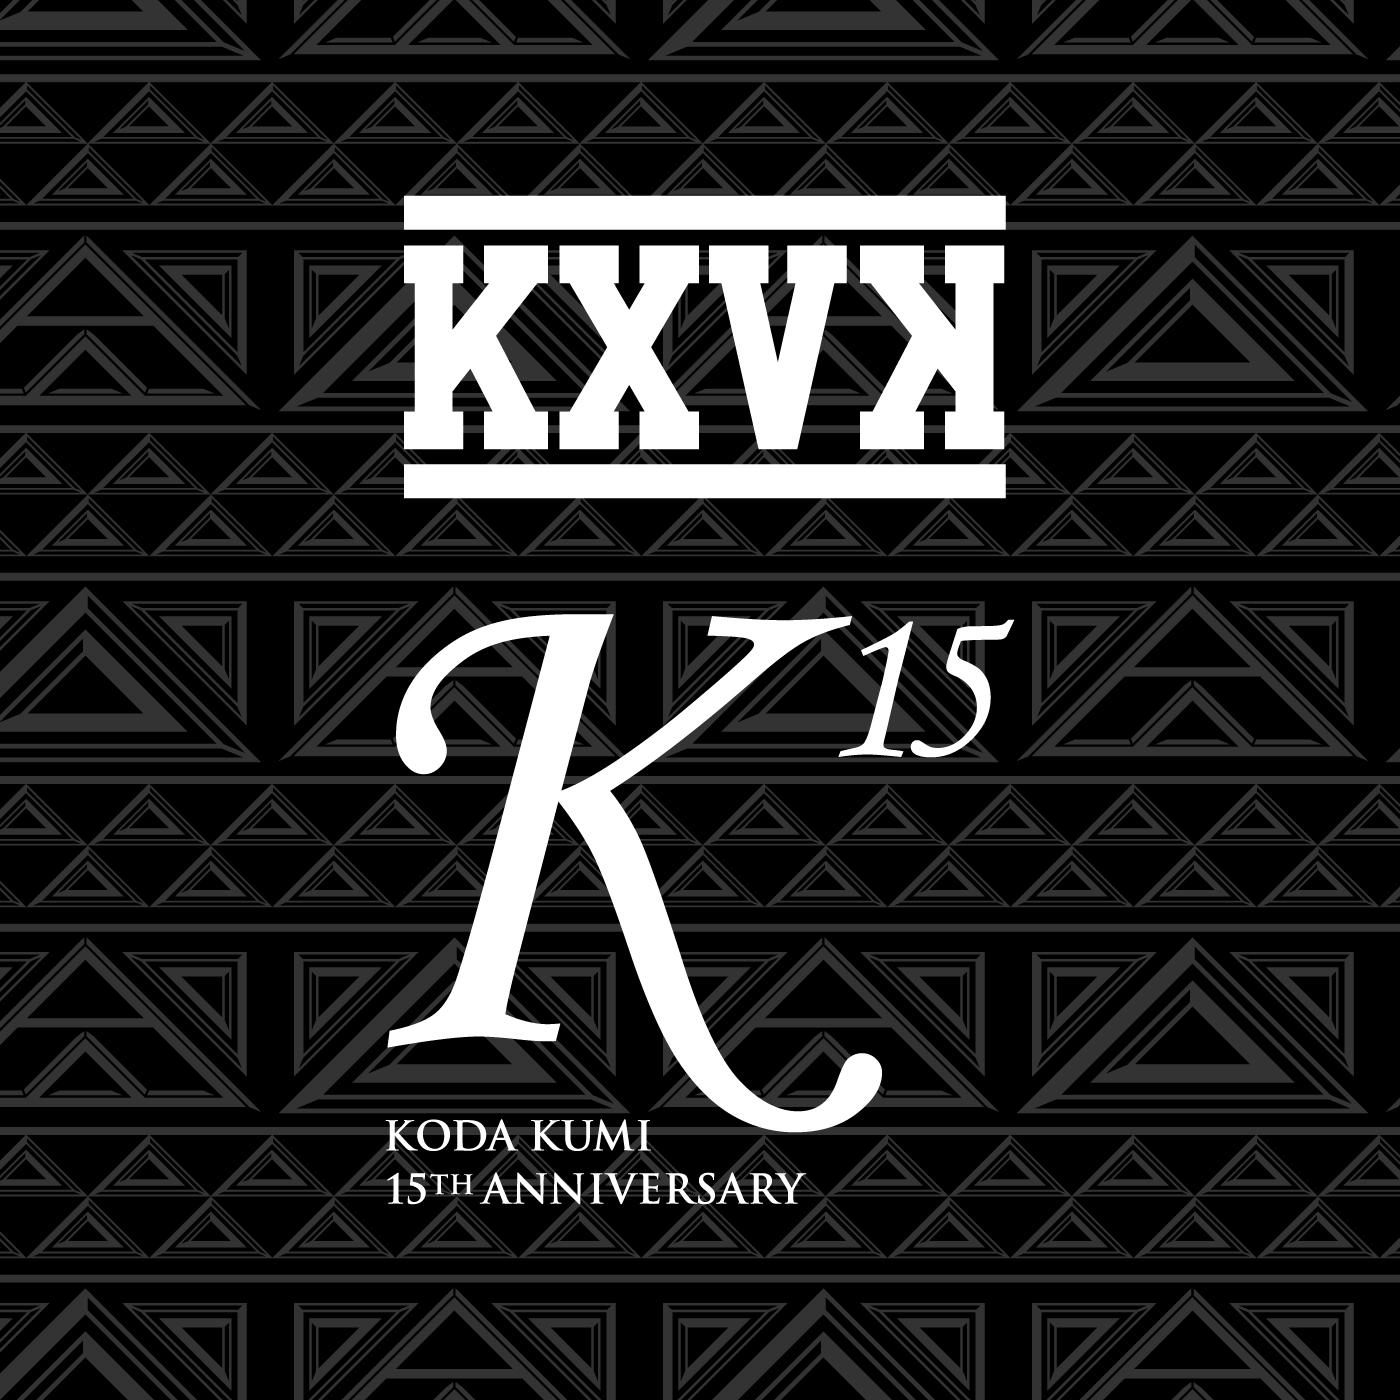 2016年はデビュー15周年。KODA KUMI LIVE TOUR 2016 ーBest Single Collectionーで日本を縦断。